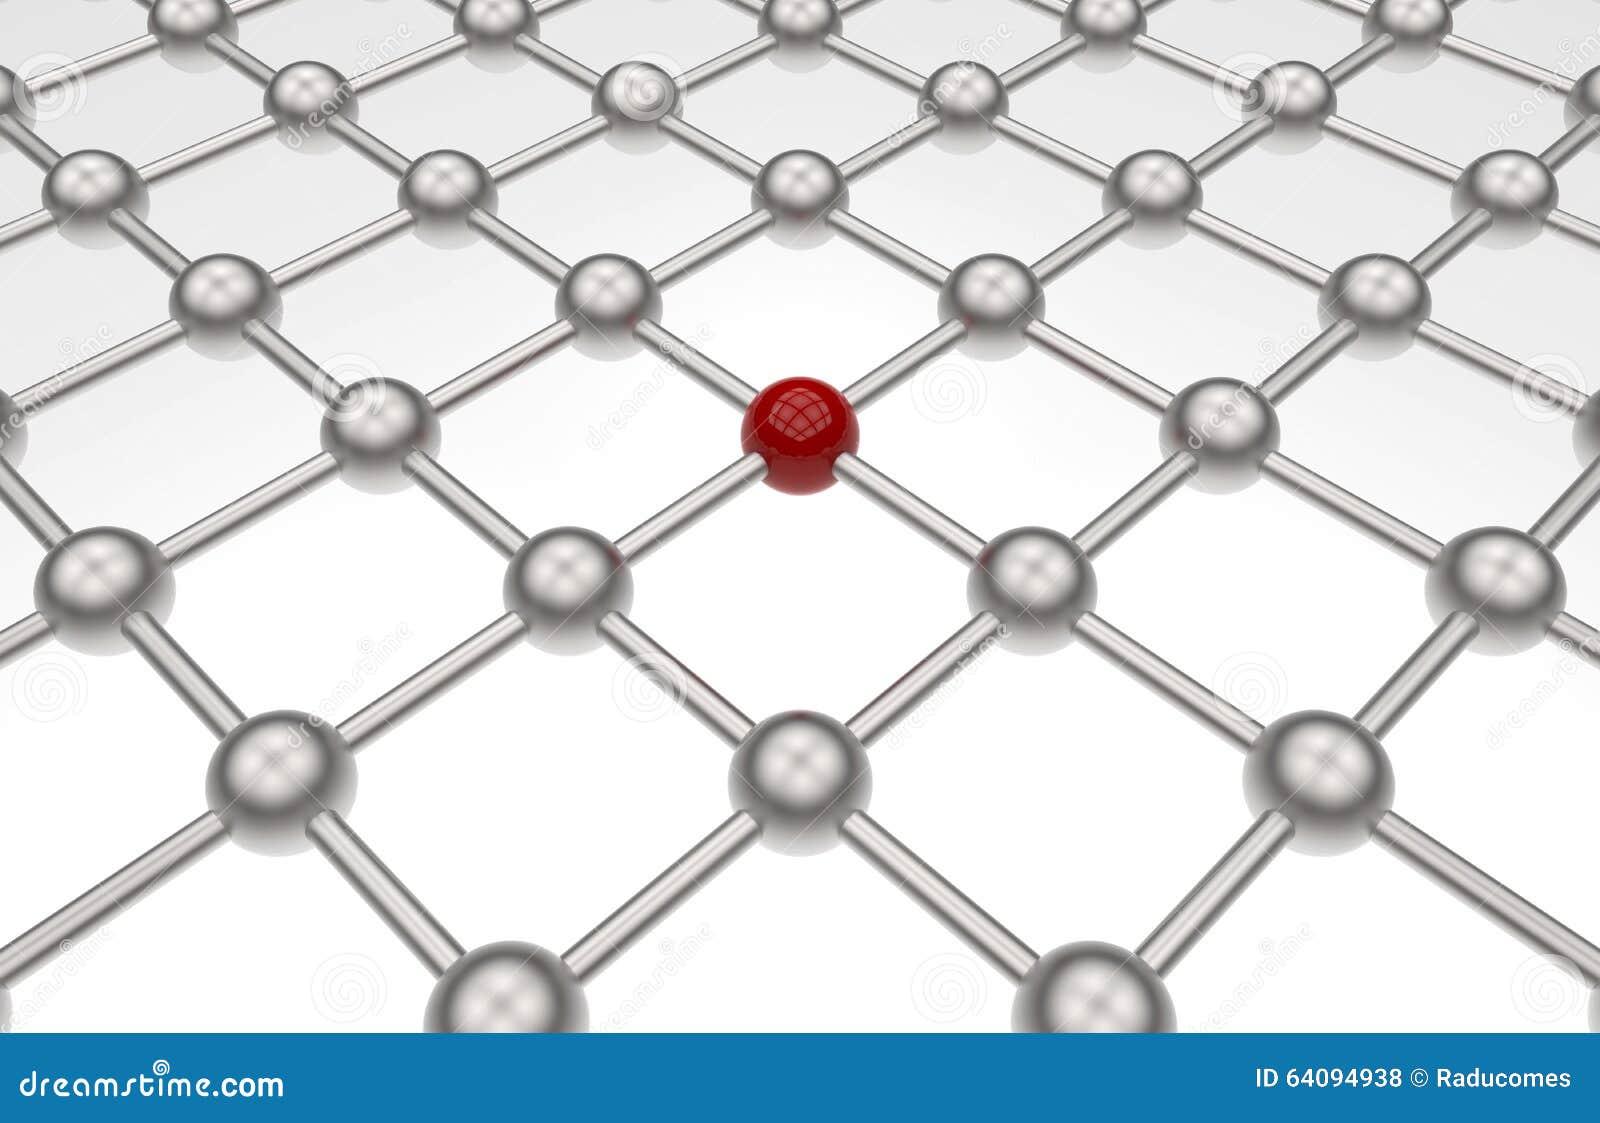 Sieci ścieżki szyk - czerwona sfera